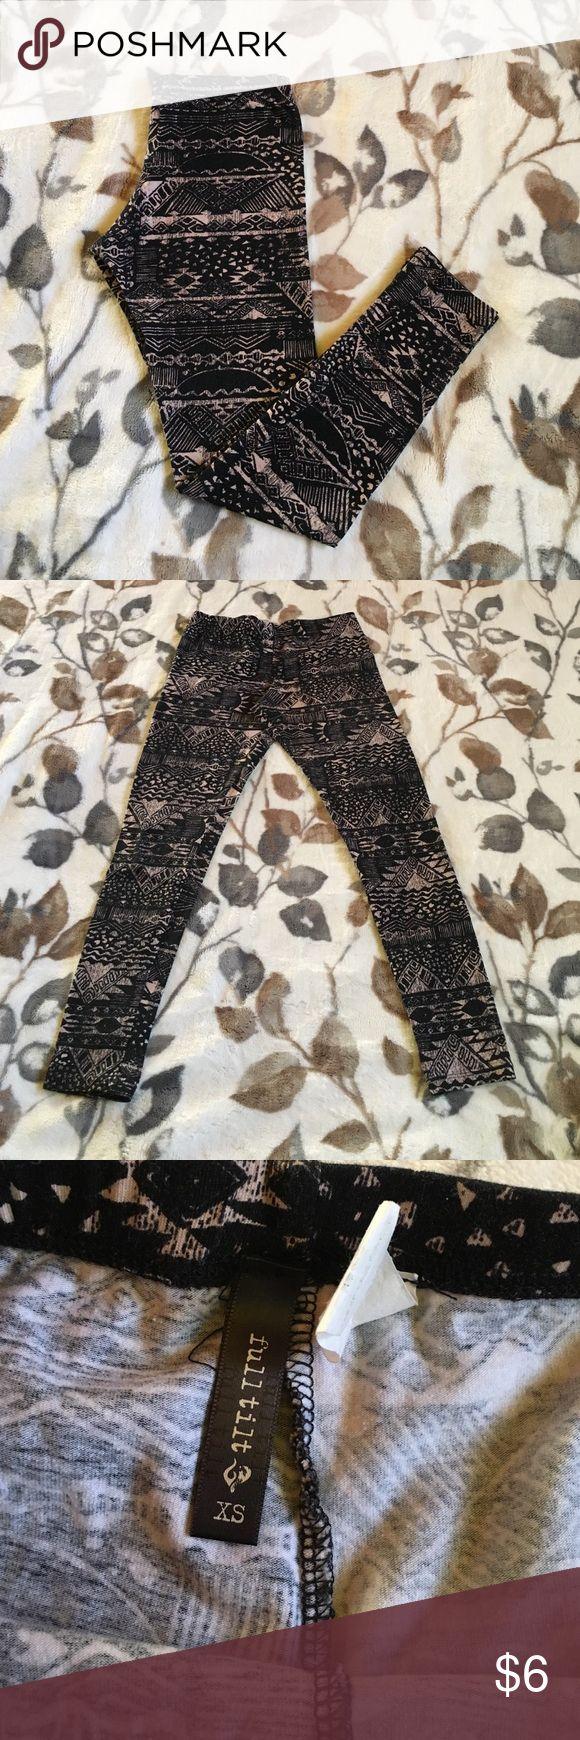 Black and Cream Leggings Mid calf length Full Tilt Pants Leggings